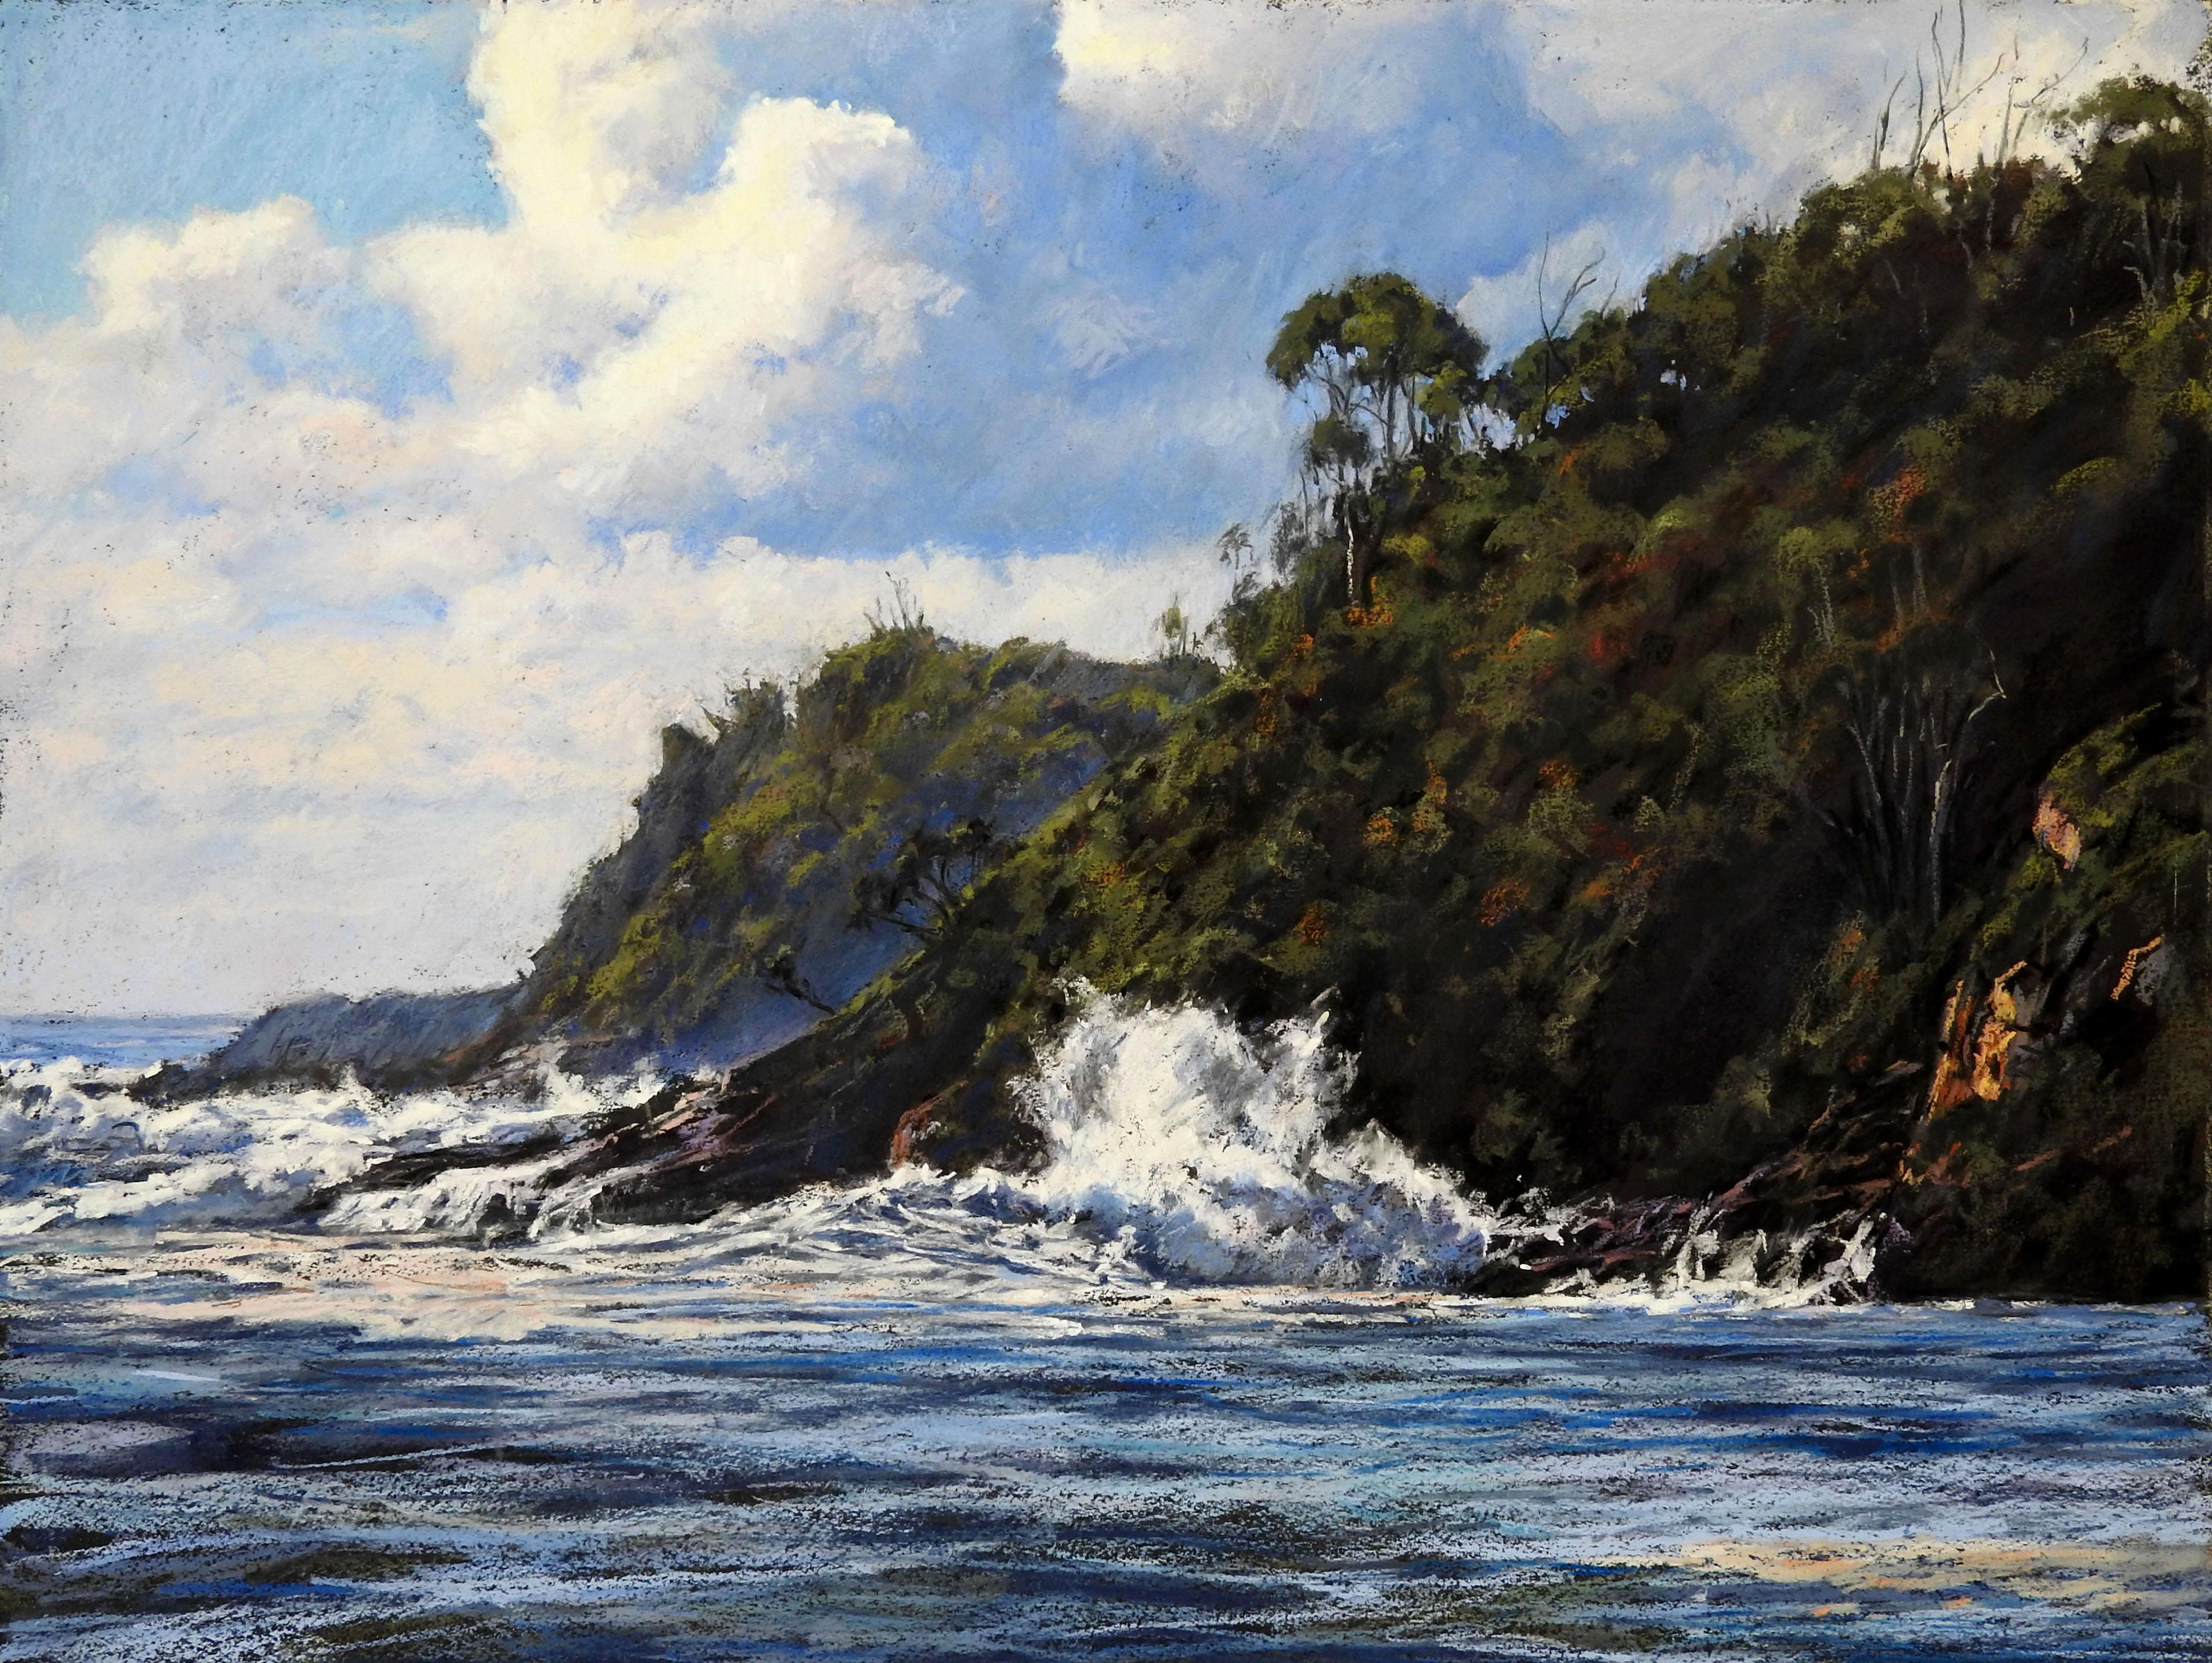 Receding Storm, Pambula - by Barbara Beasley-Southgate